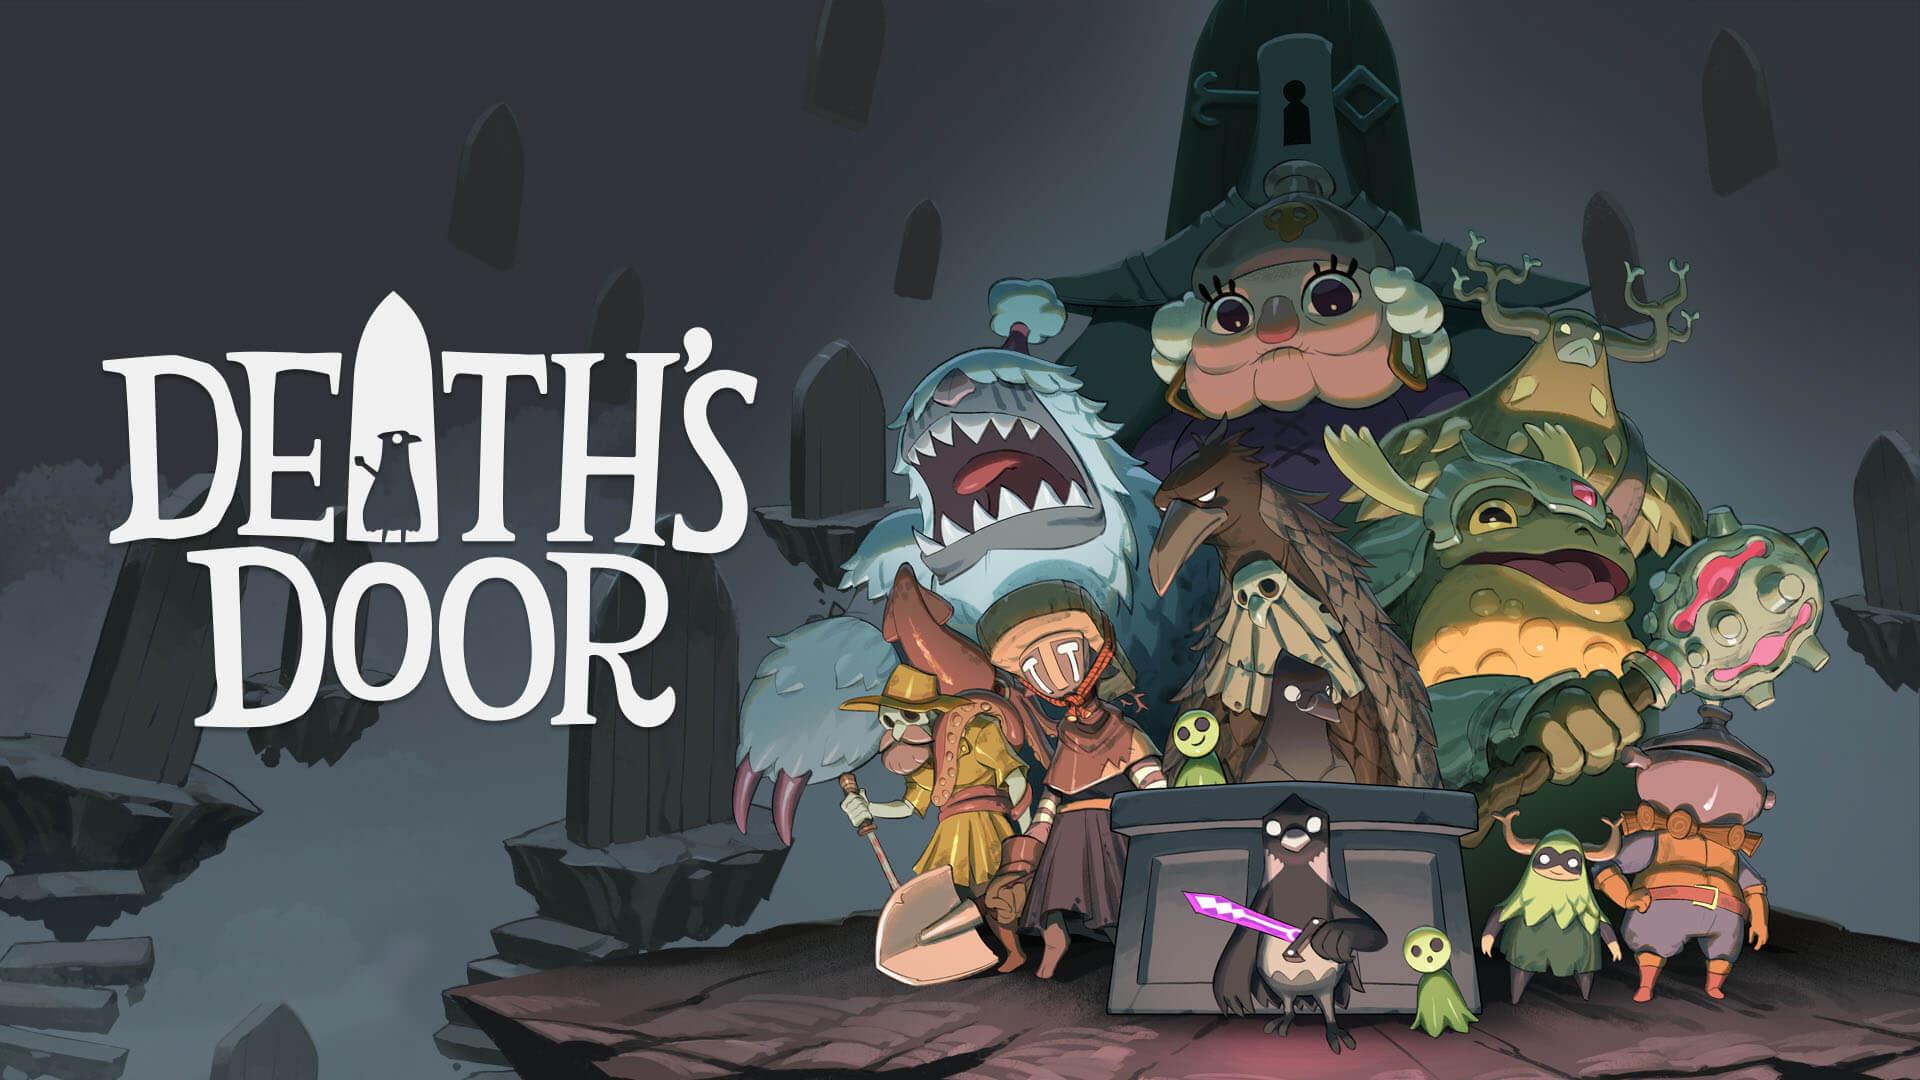 Death's Door: Dieser Sensenmann hat 'nen Vogel